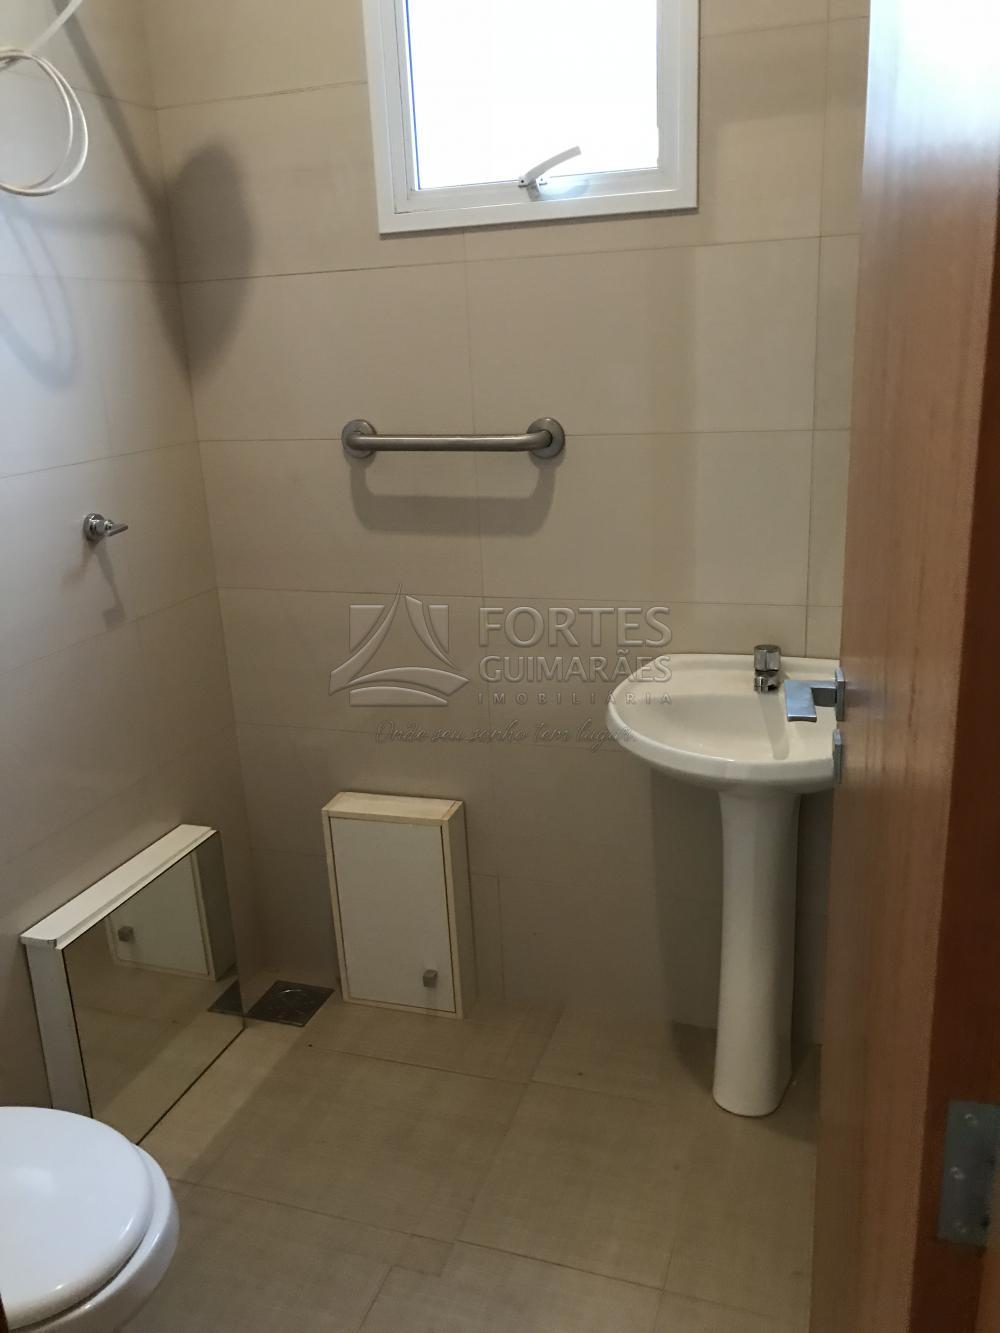 Alugar Casas / Condomínio em Ribeirão Preto apenas R$ 7.000,00 - Foto 21